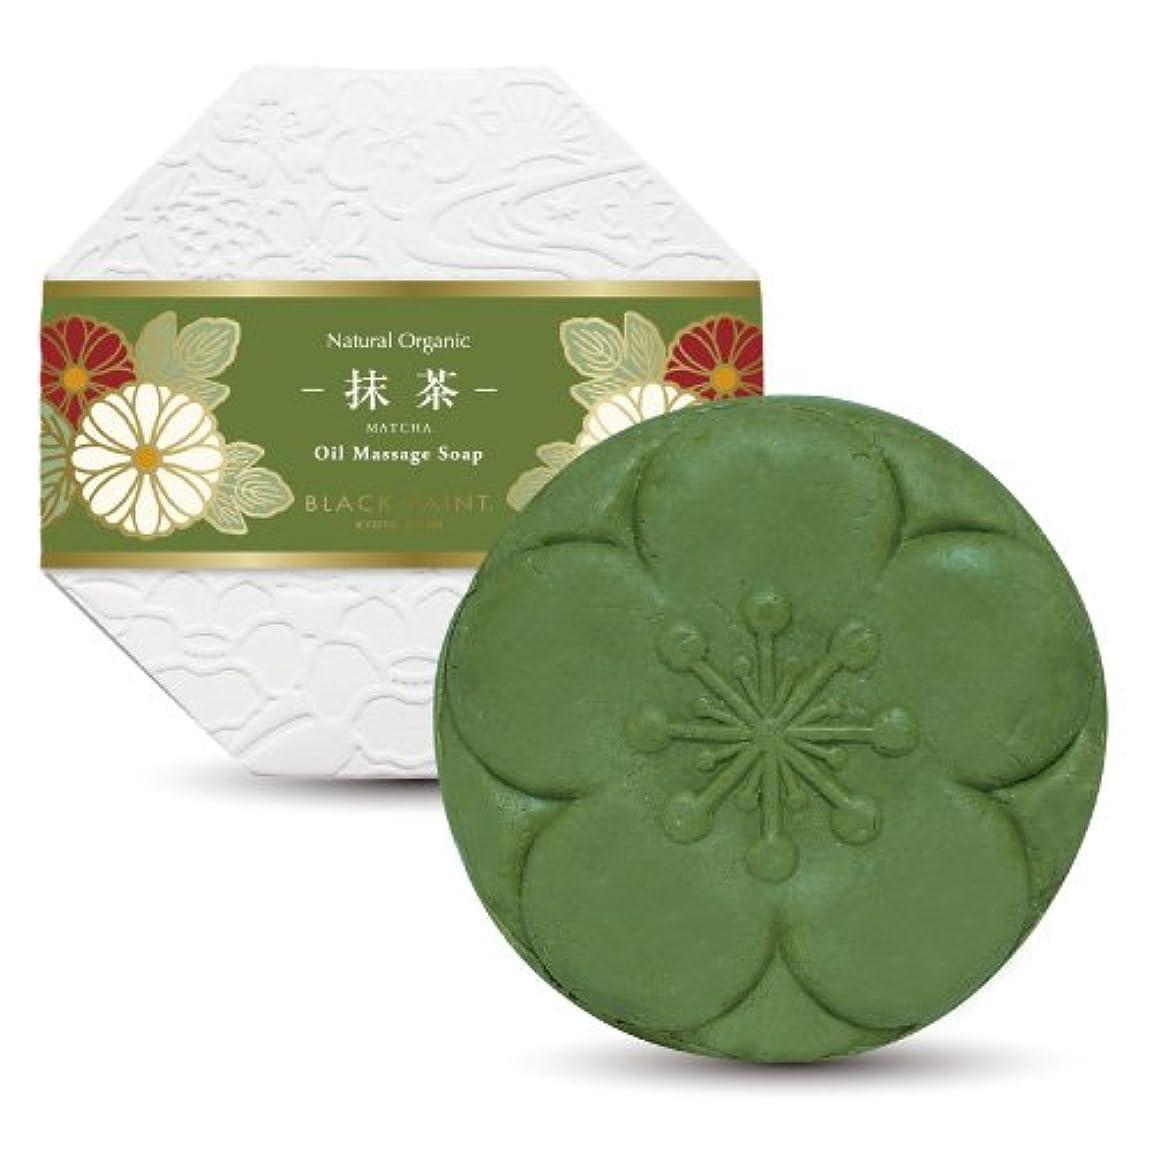 比較洞察力本質的ではない京のお茶石鹸 抹茶 120g 塗る石鹸